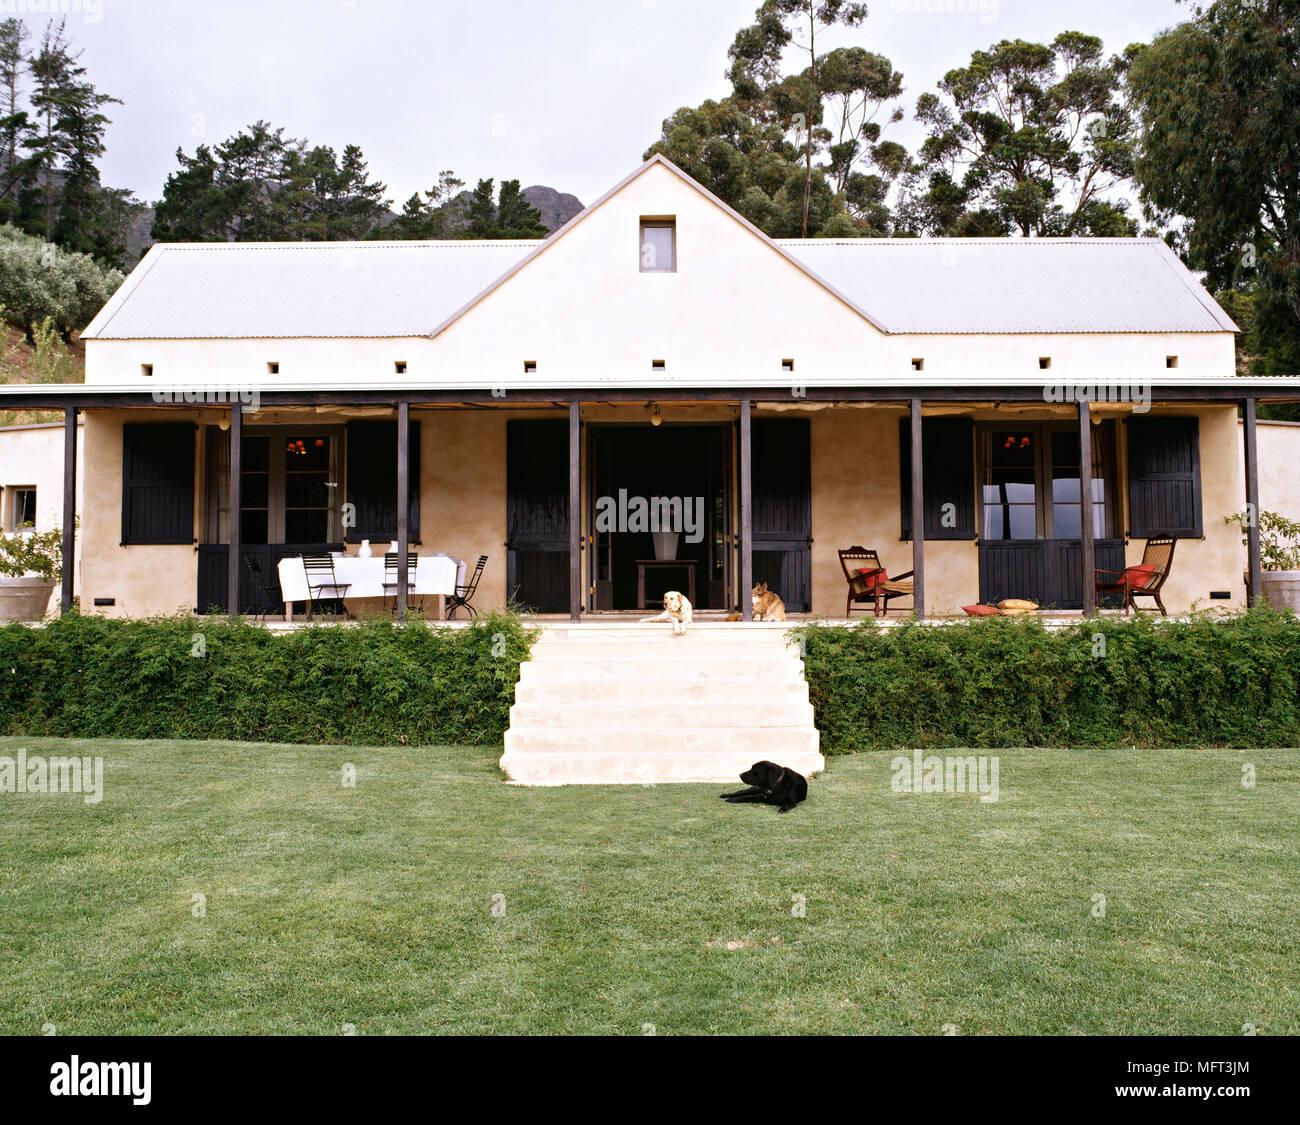 Esterno moderno bungalow gradini che portano a casa veranda esterni case verande terrazze portico veranda Foto Stock